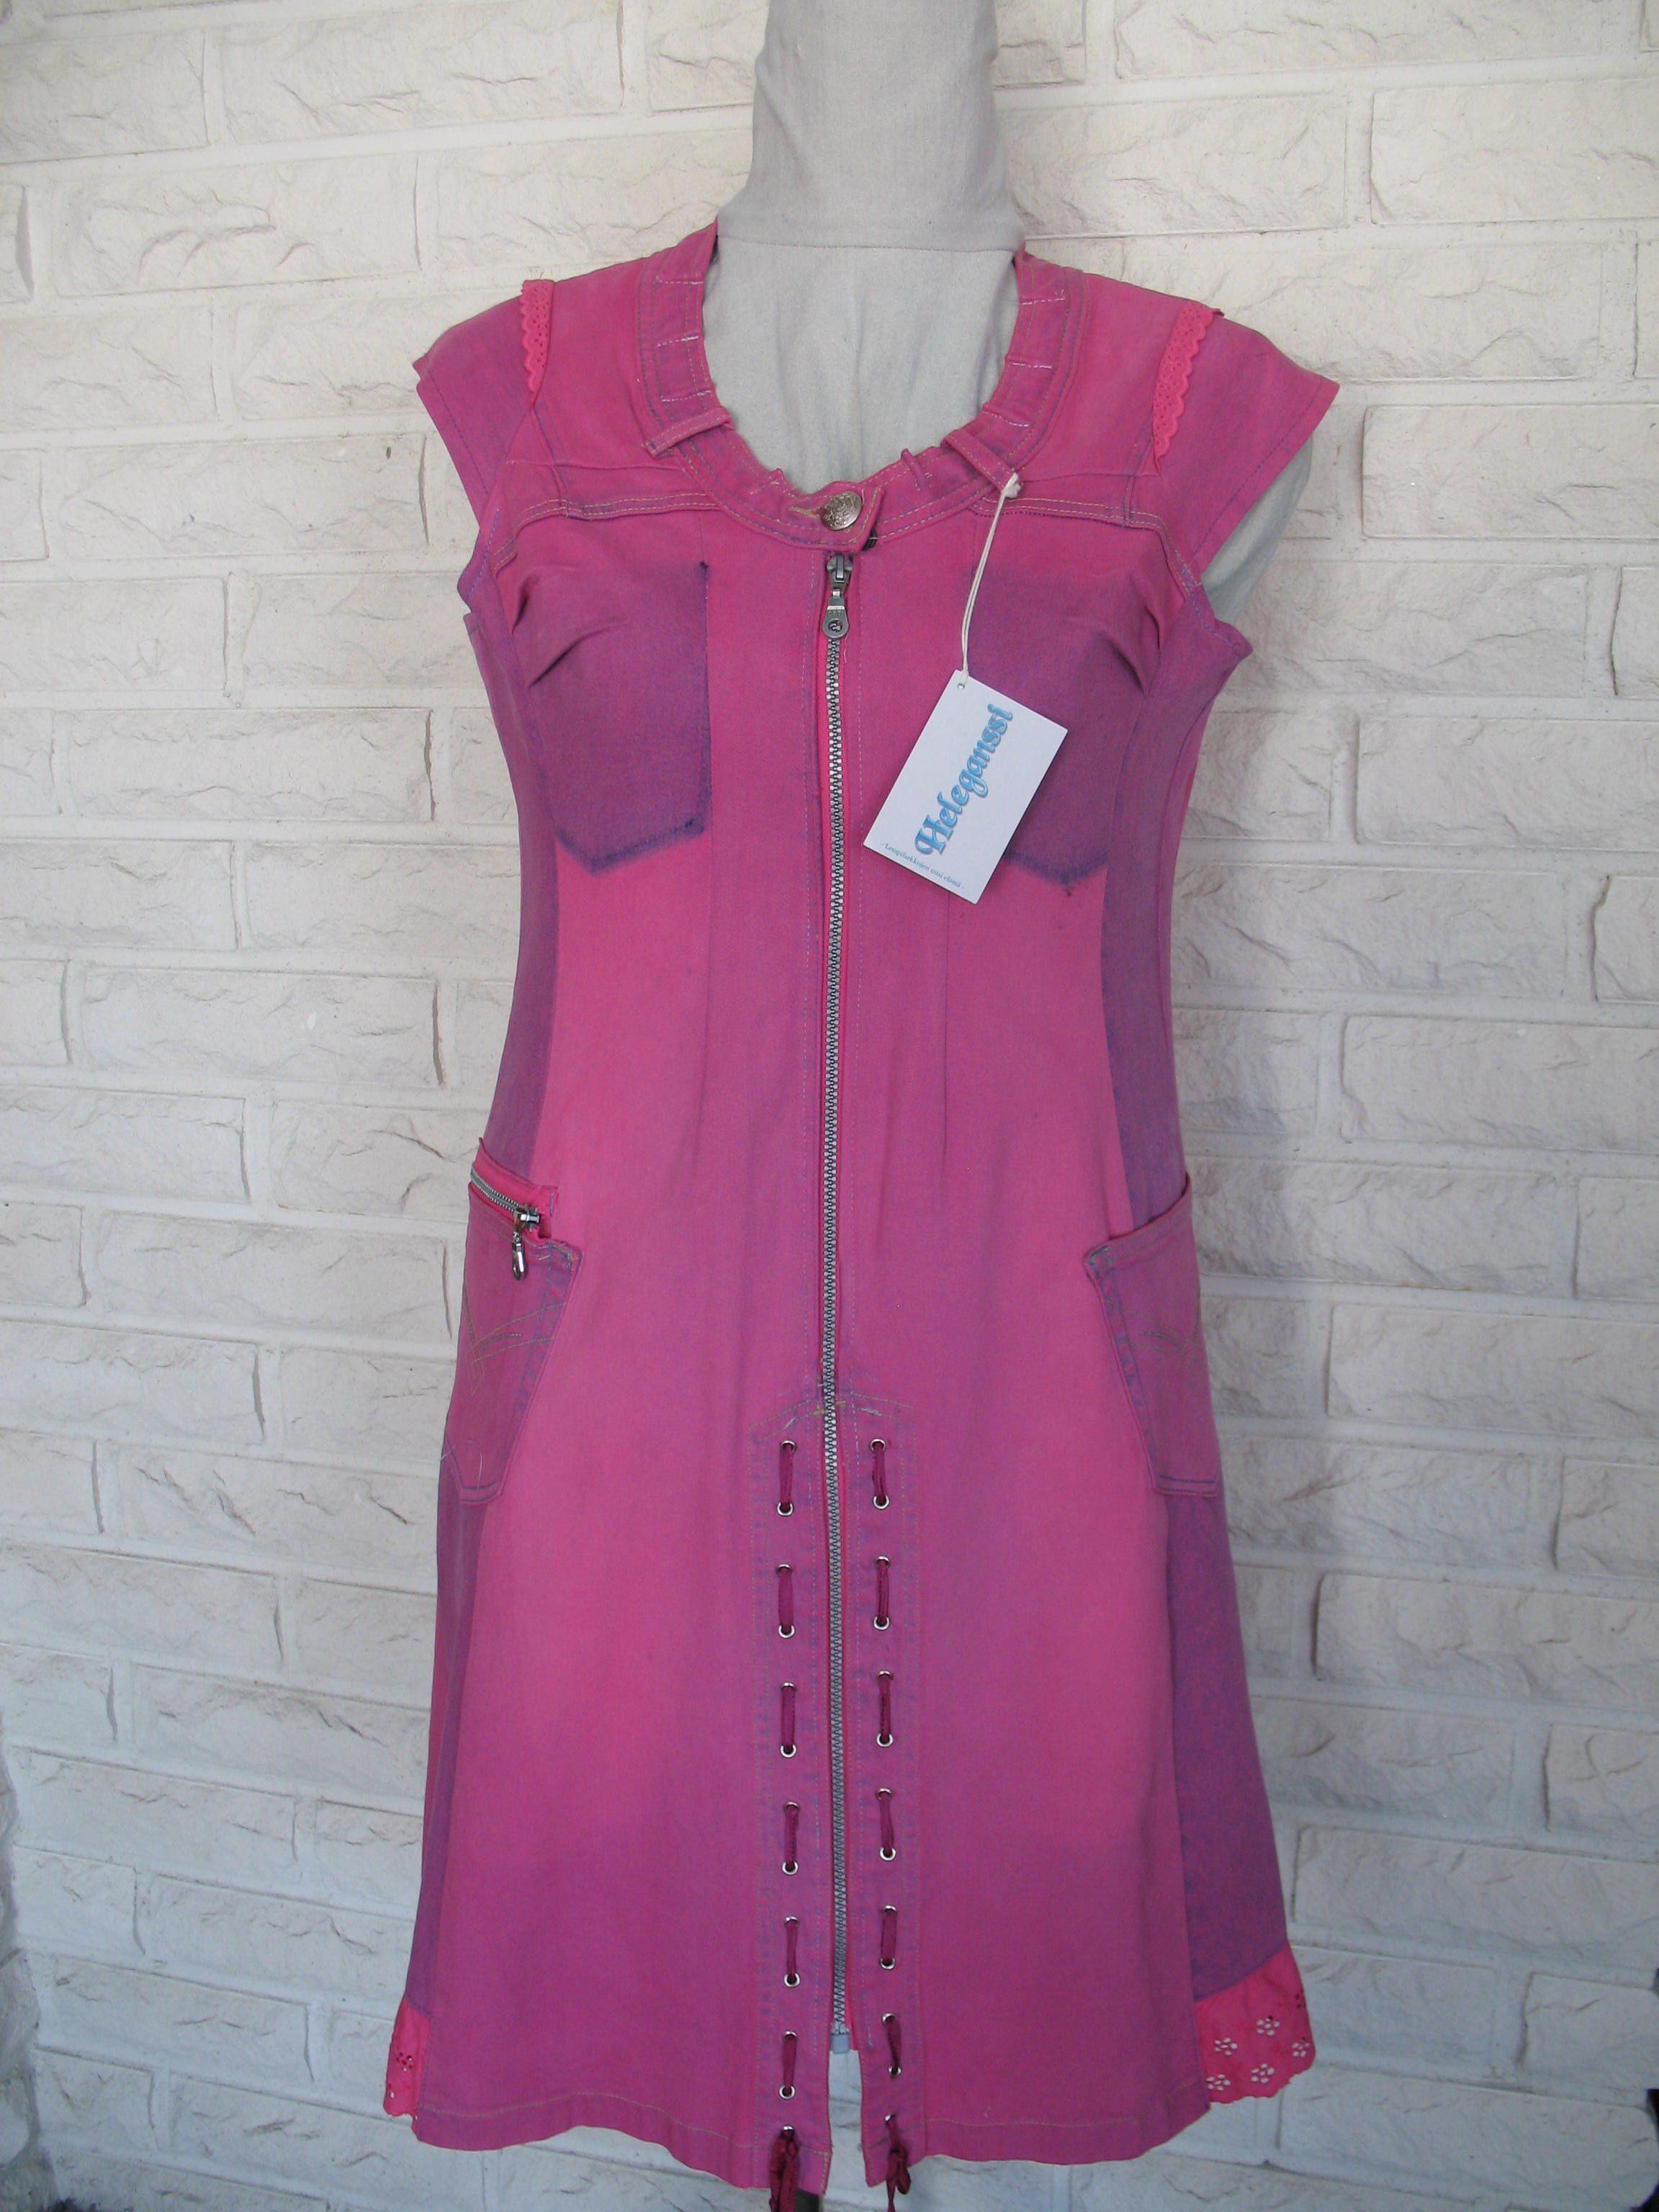 henni jernvall pinkki mekko etu